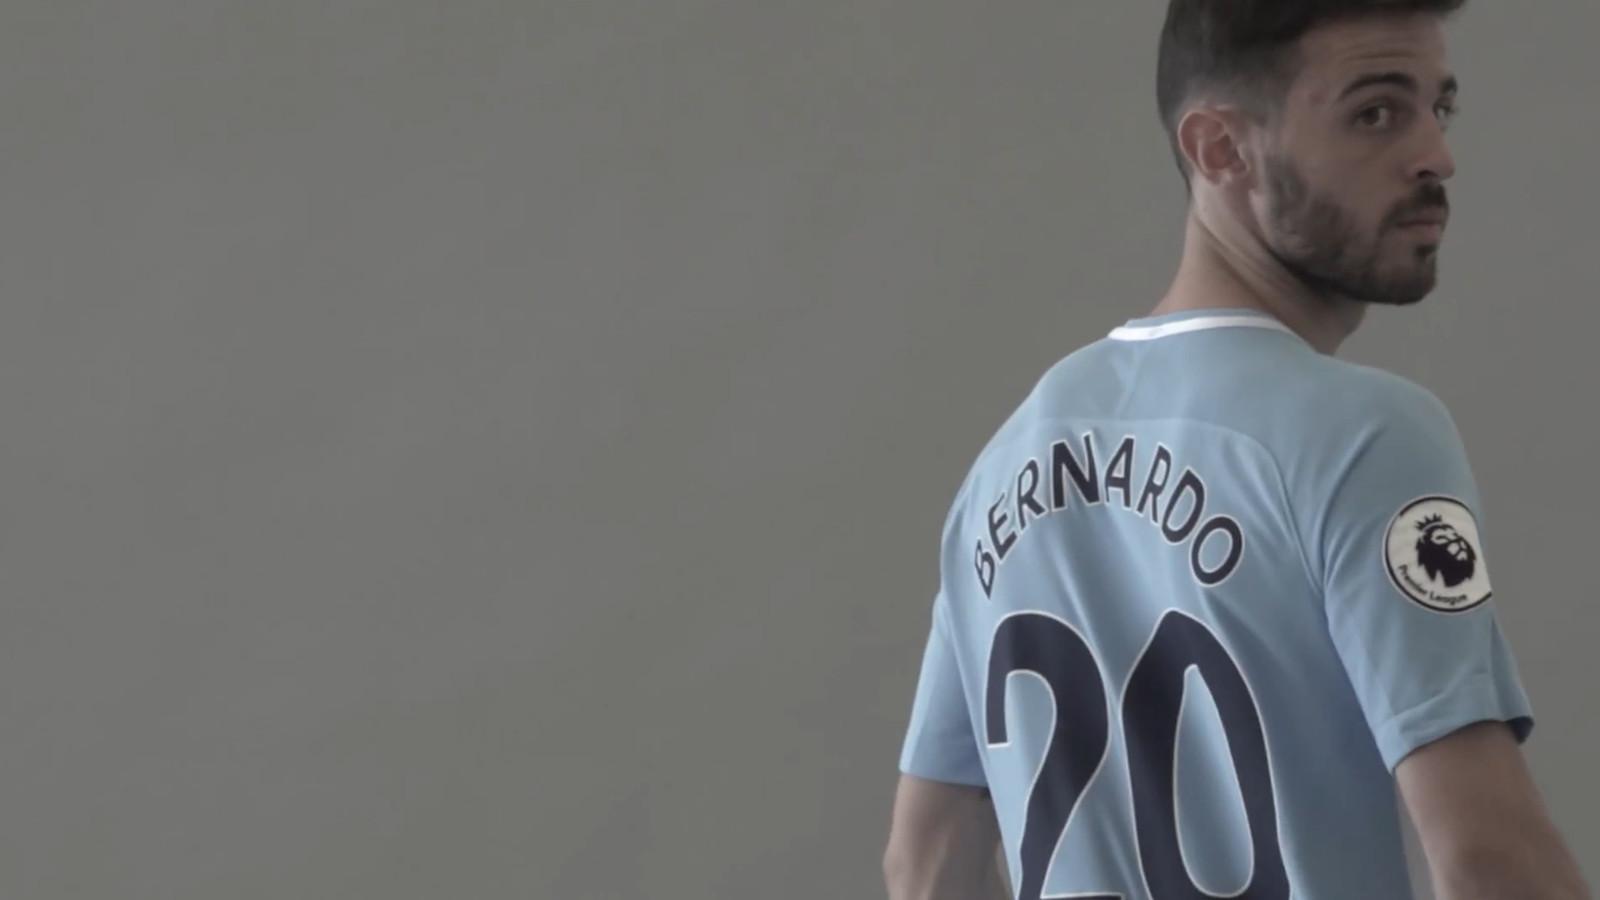 Bernardo.0